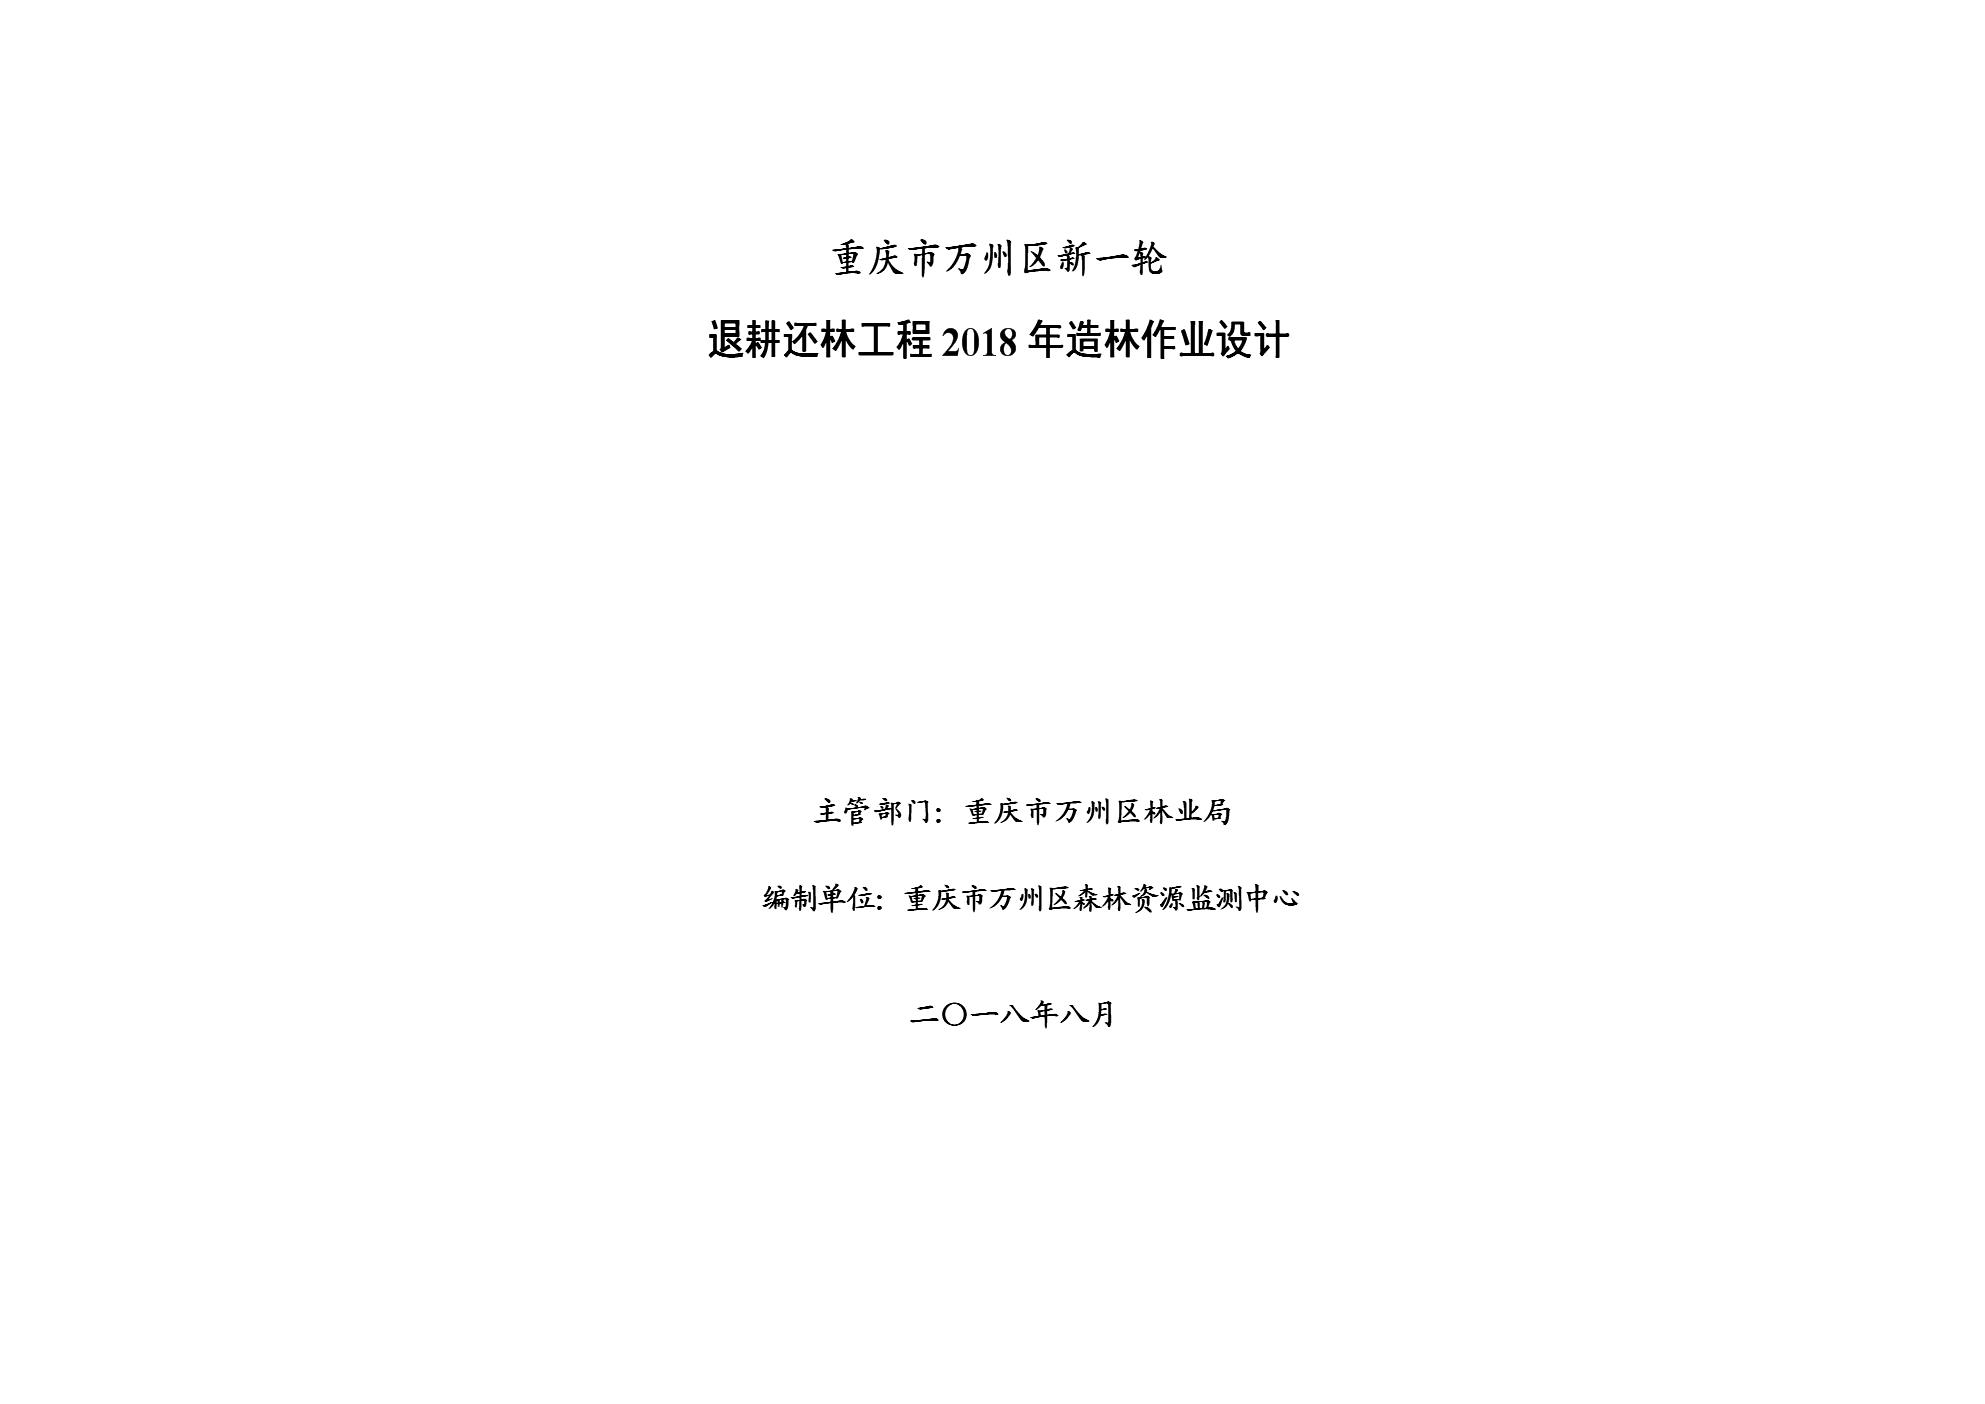 重庆万州区新一轮退耕还林工程2018年造林作业设计.doc